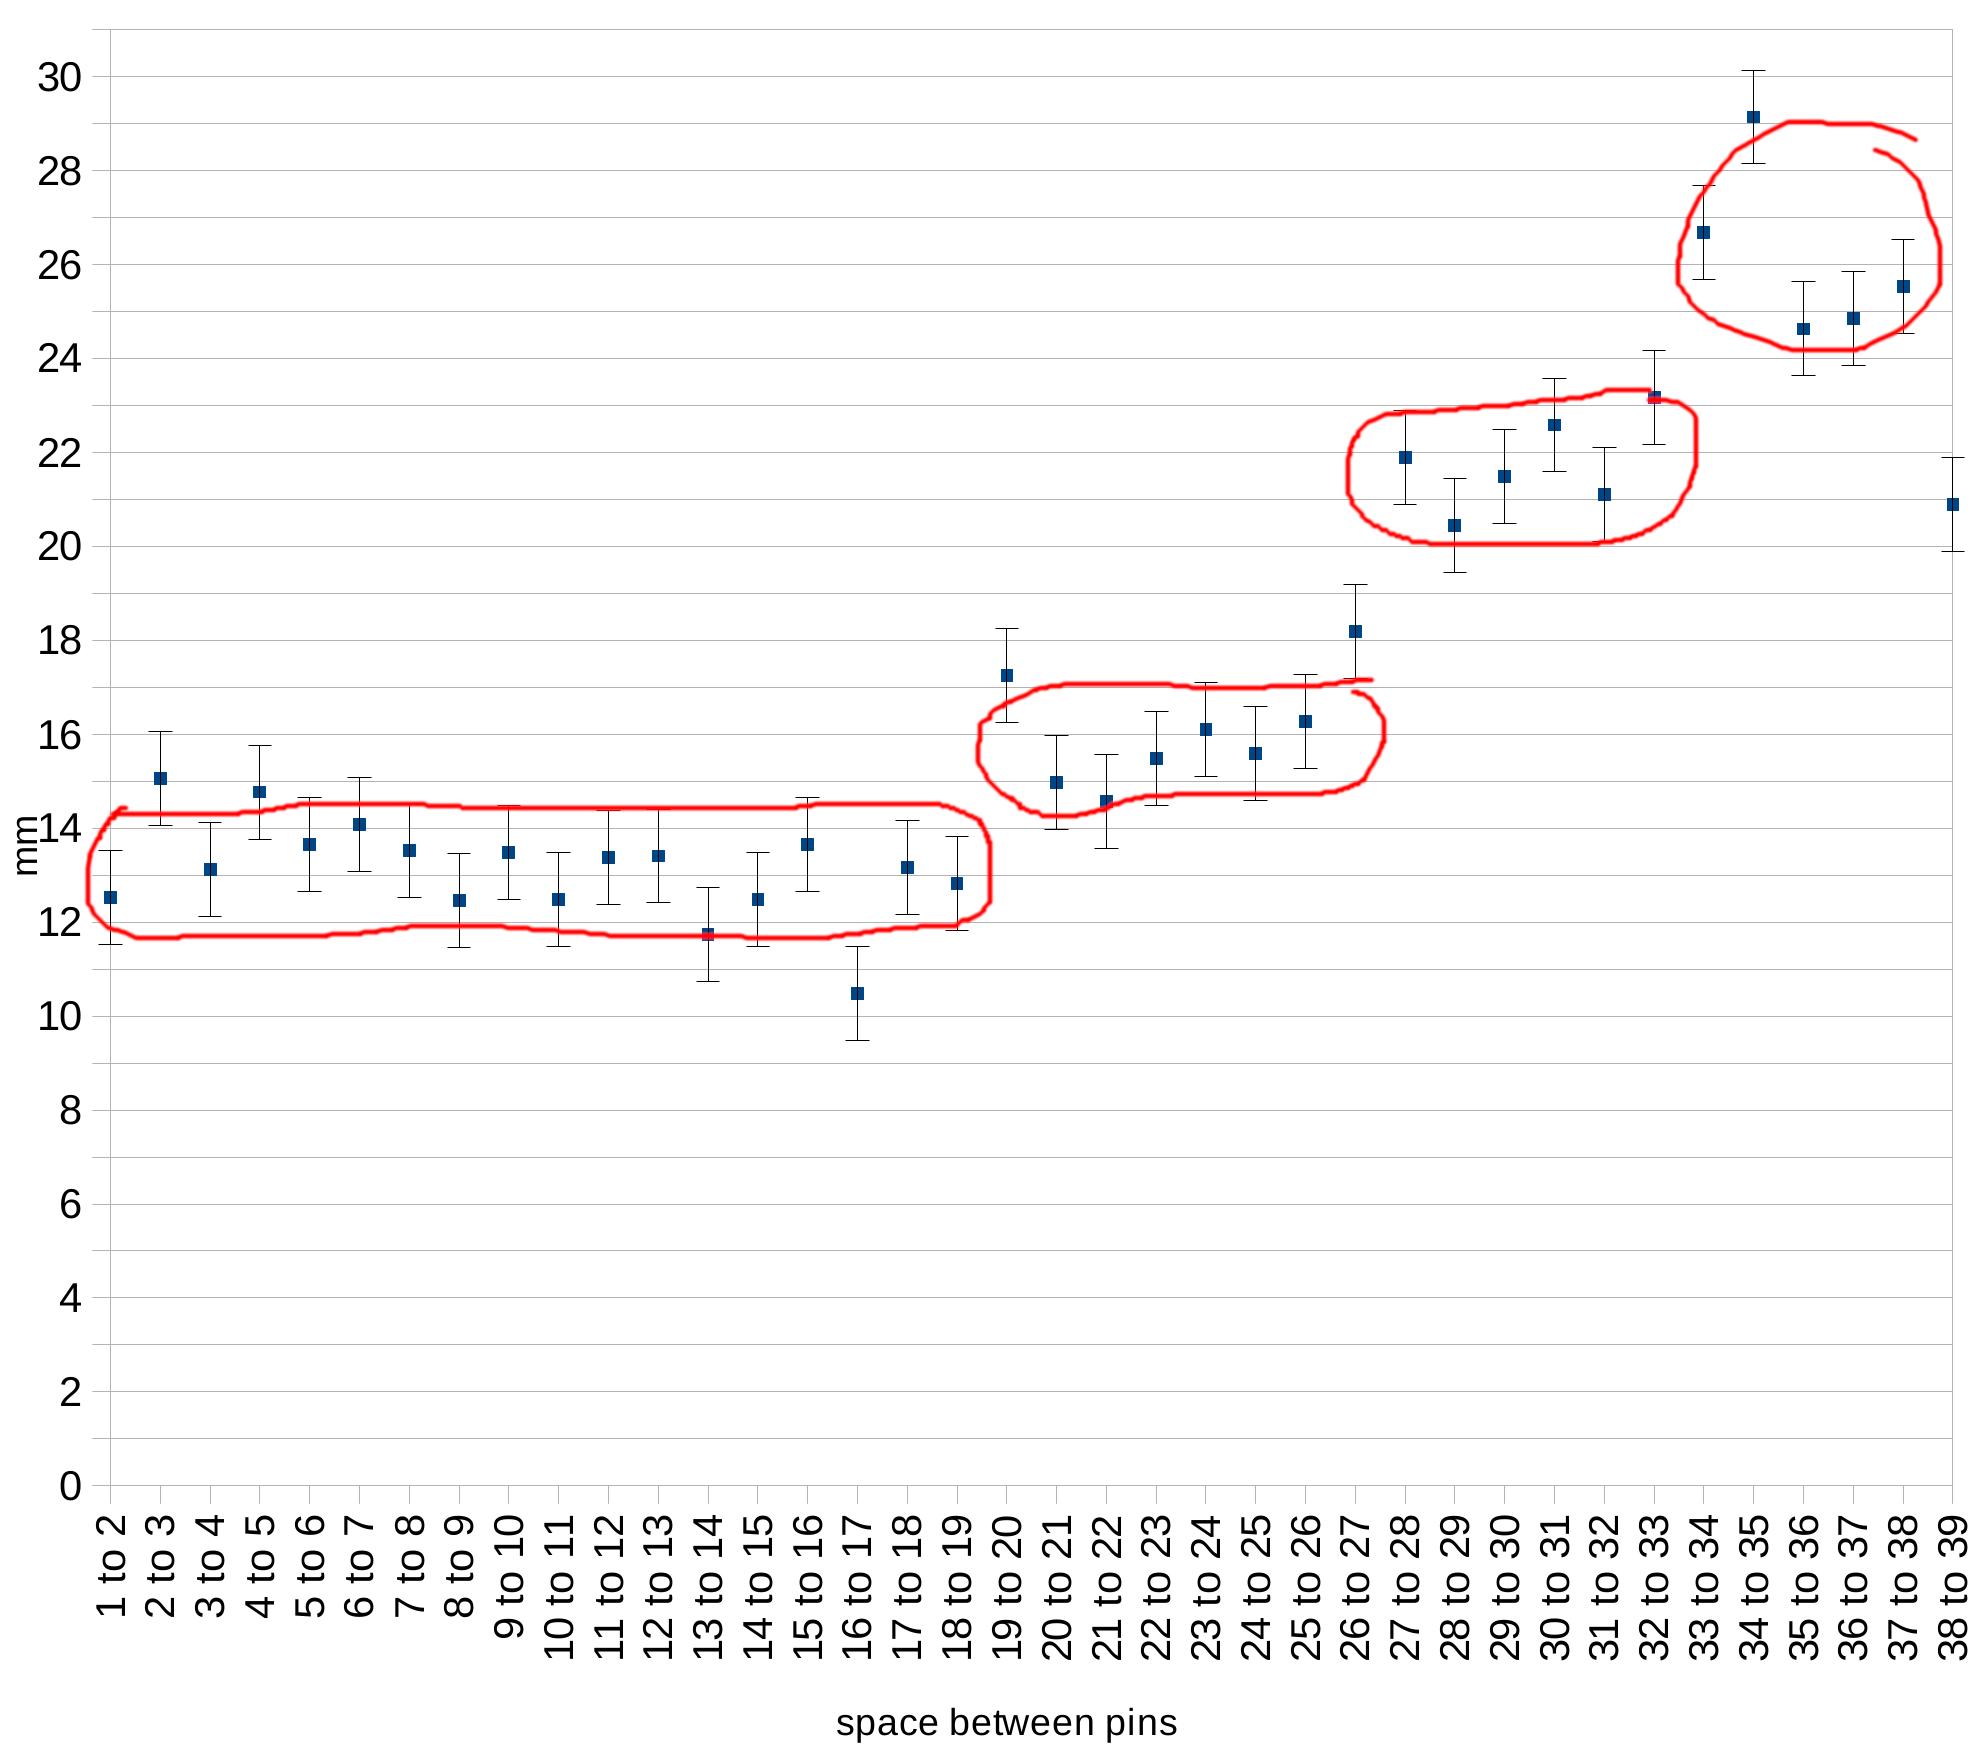 Chart of Hollybrook harp pin spacing